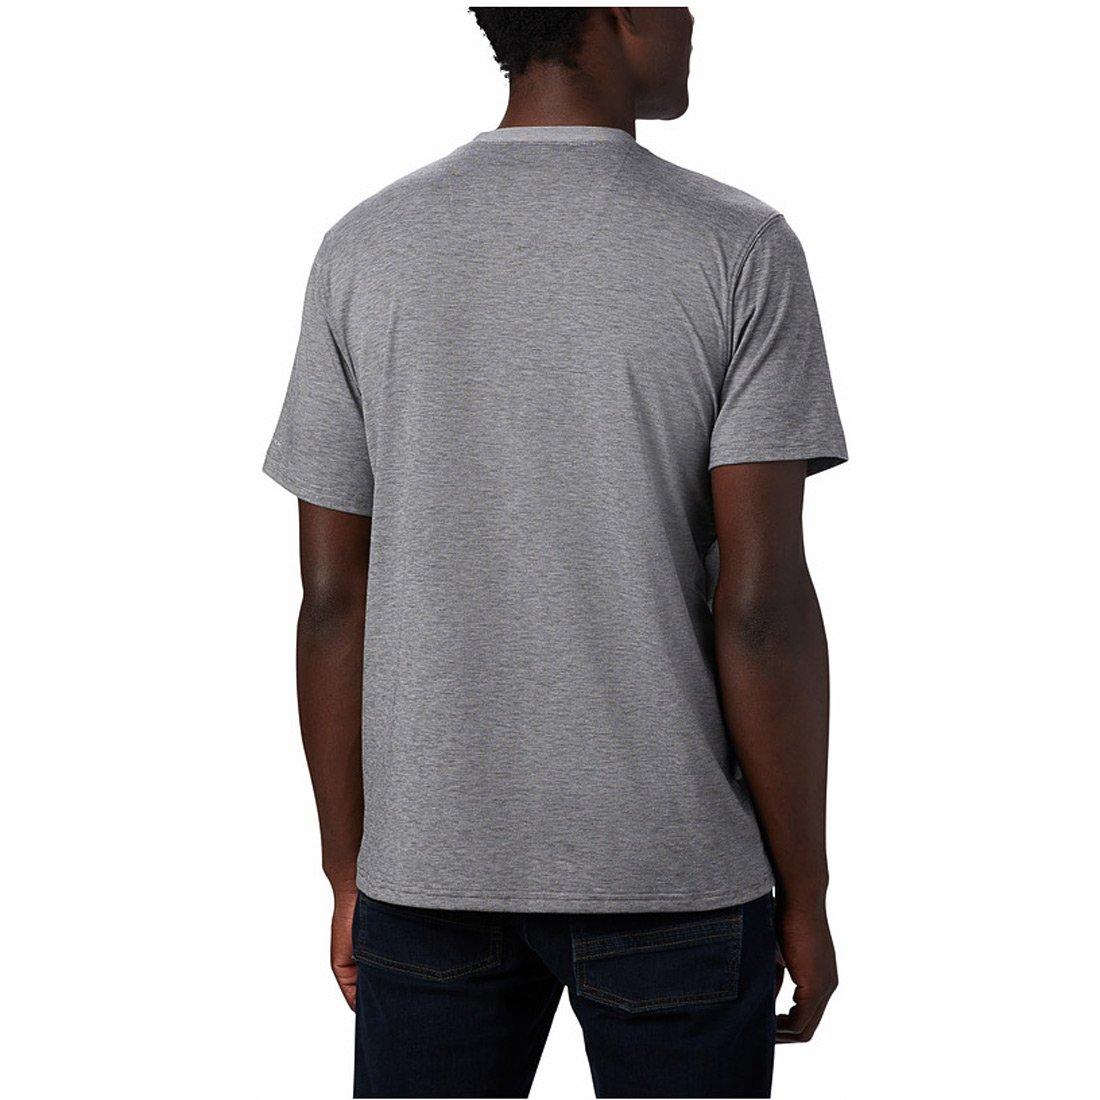 חולצה לגברים - Outdoor Elements Pocket T - Columbia